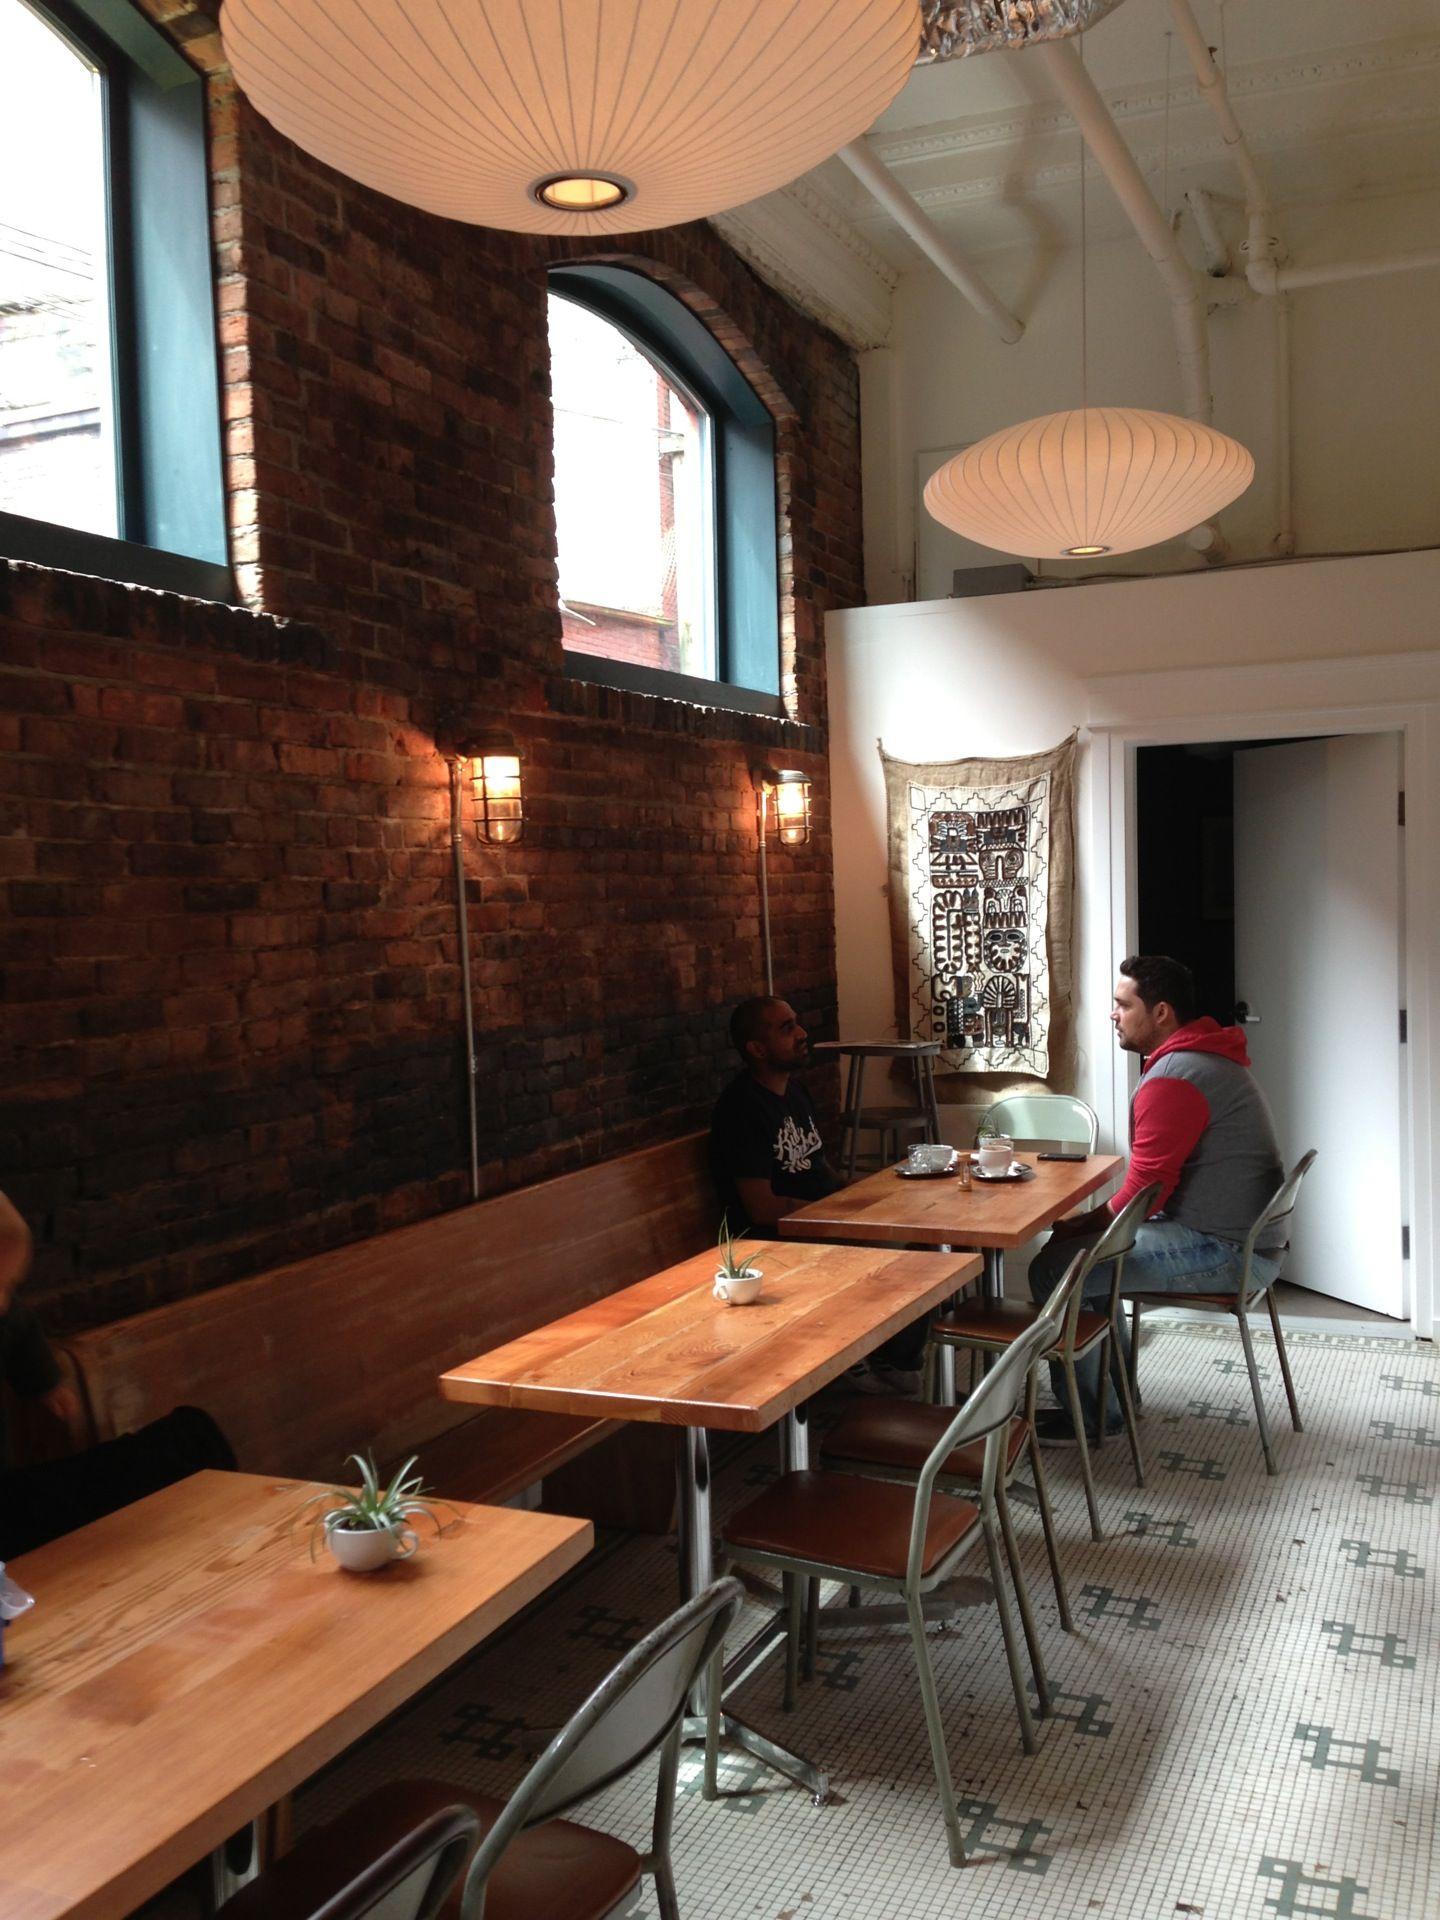 East van roasters museum cafe portland hotels best coffee